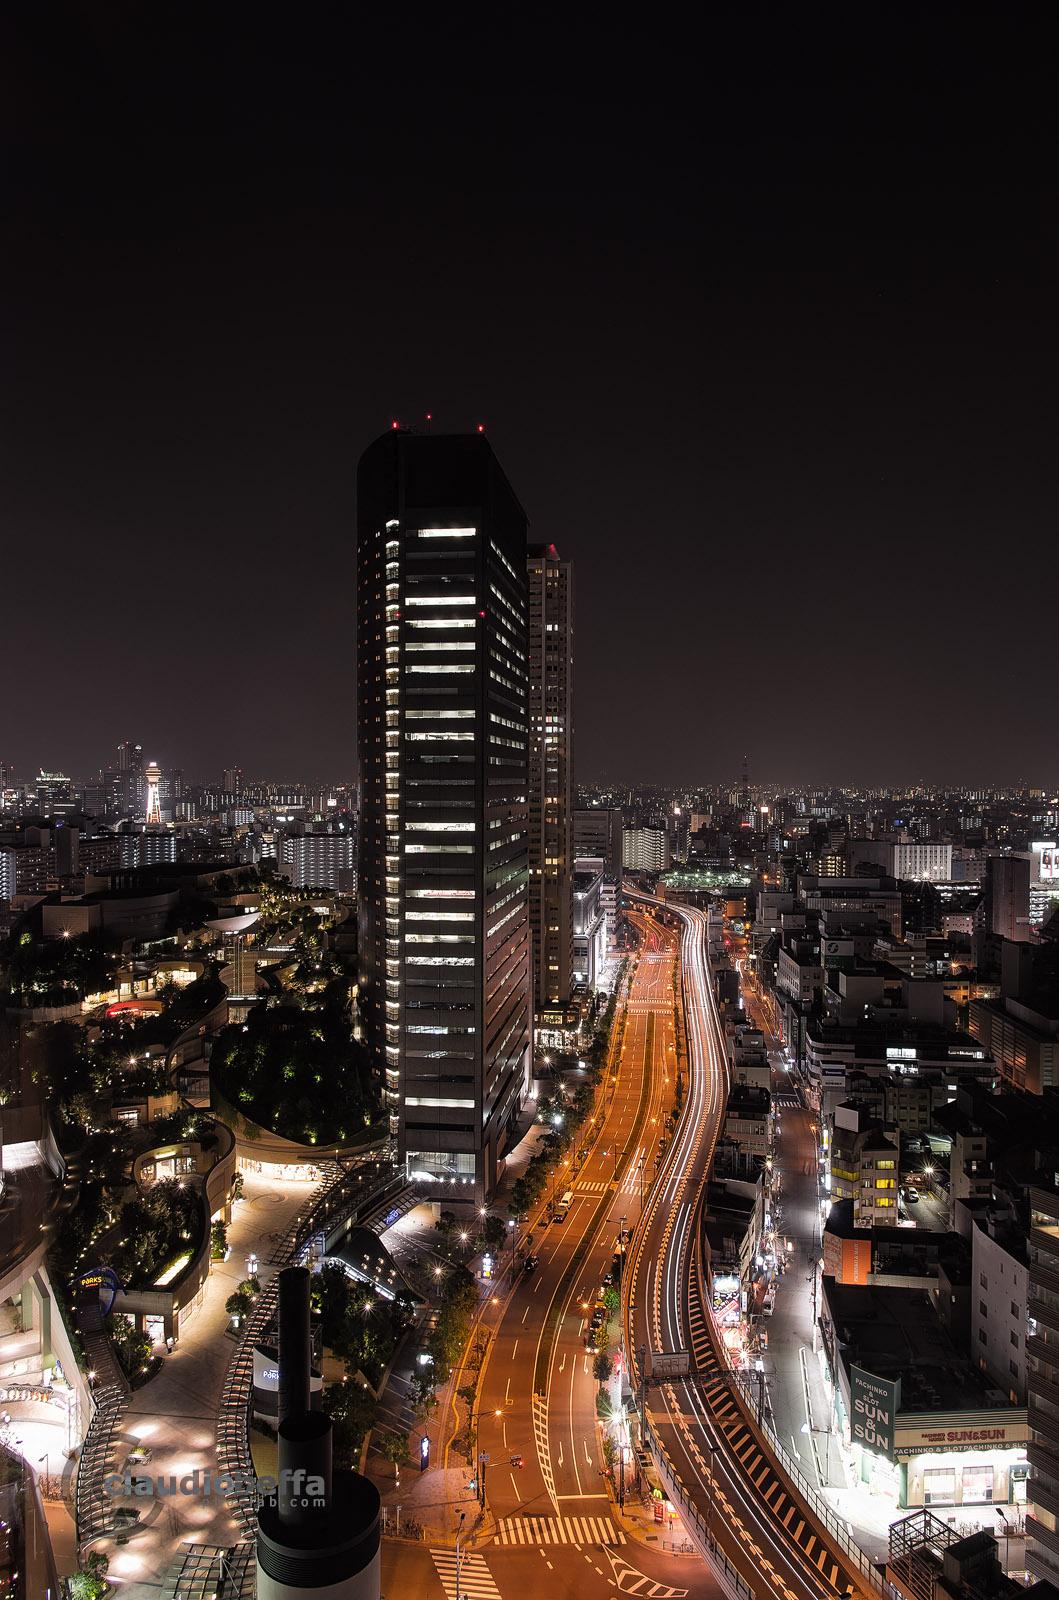 Namba Landscape Night Nankai Swiss Hotel Hanshin Expressway Parks Skyscrapers Tsutenkaku Tower Osaka